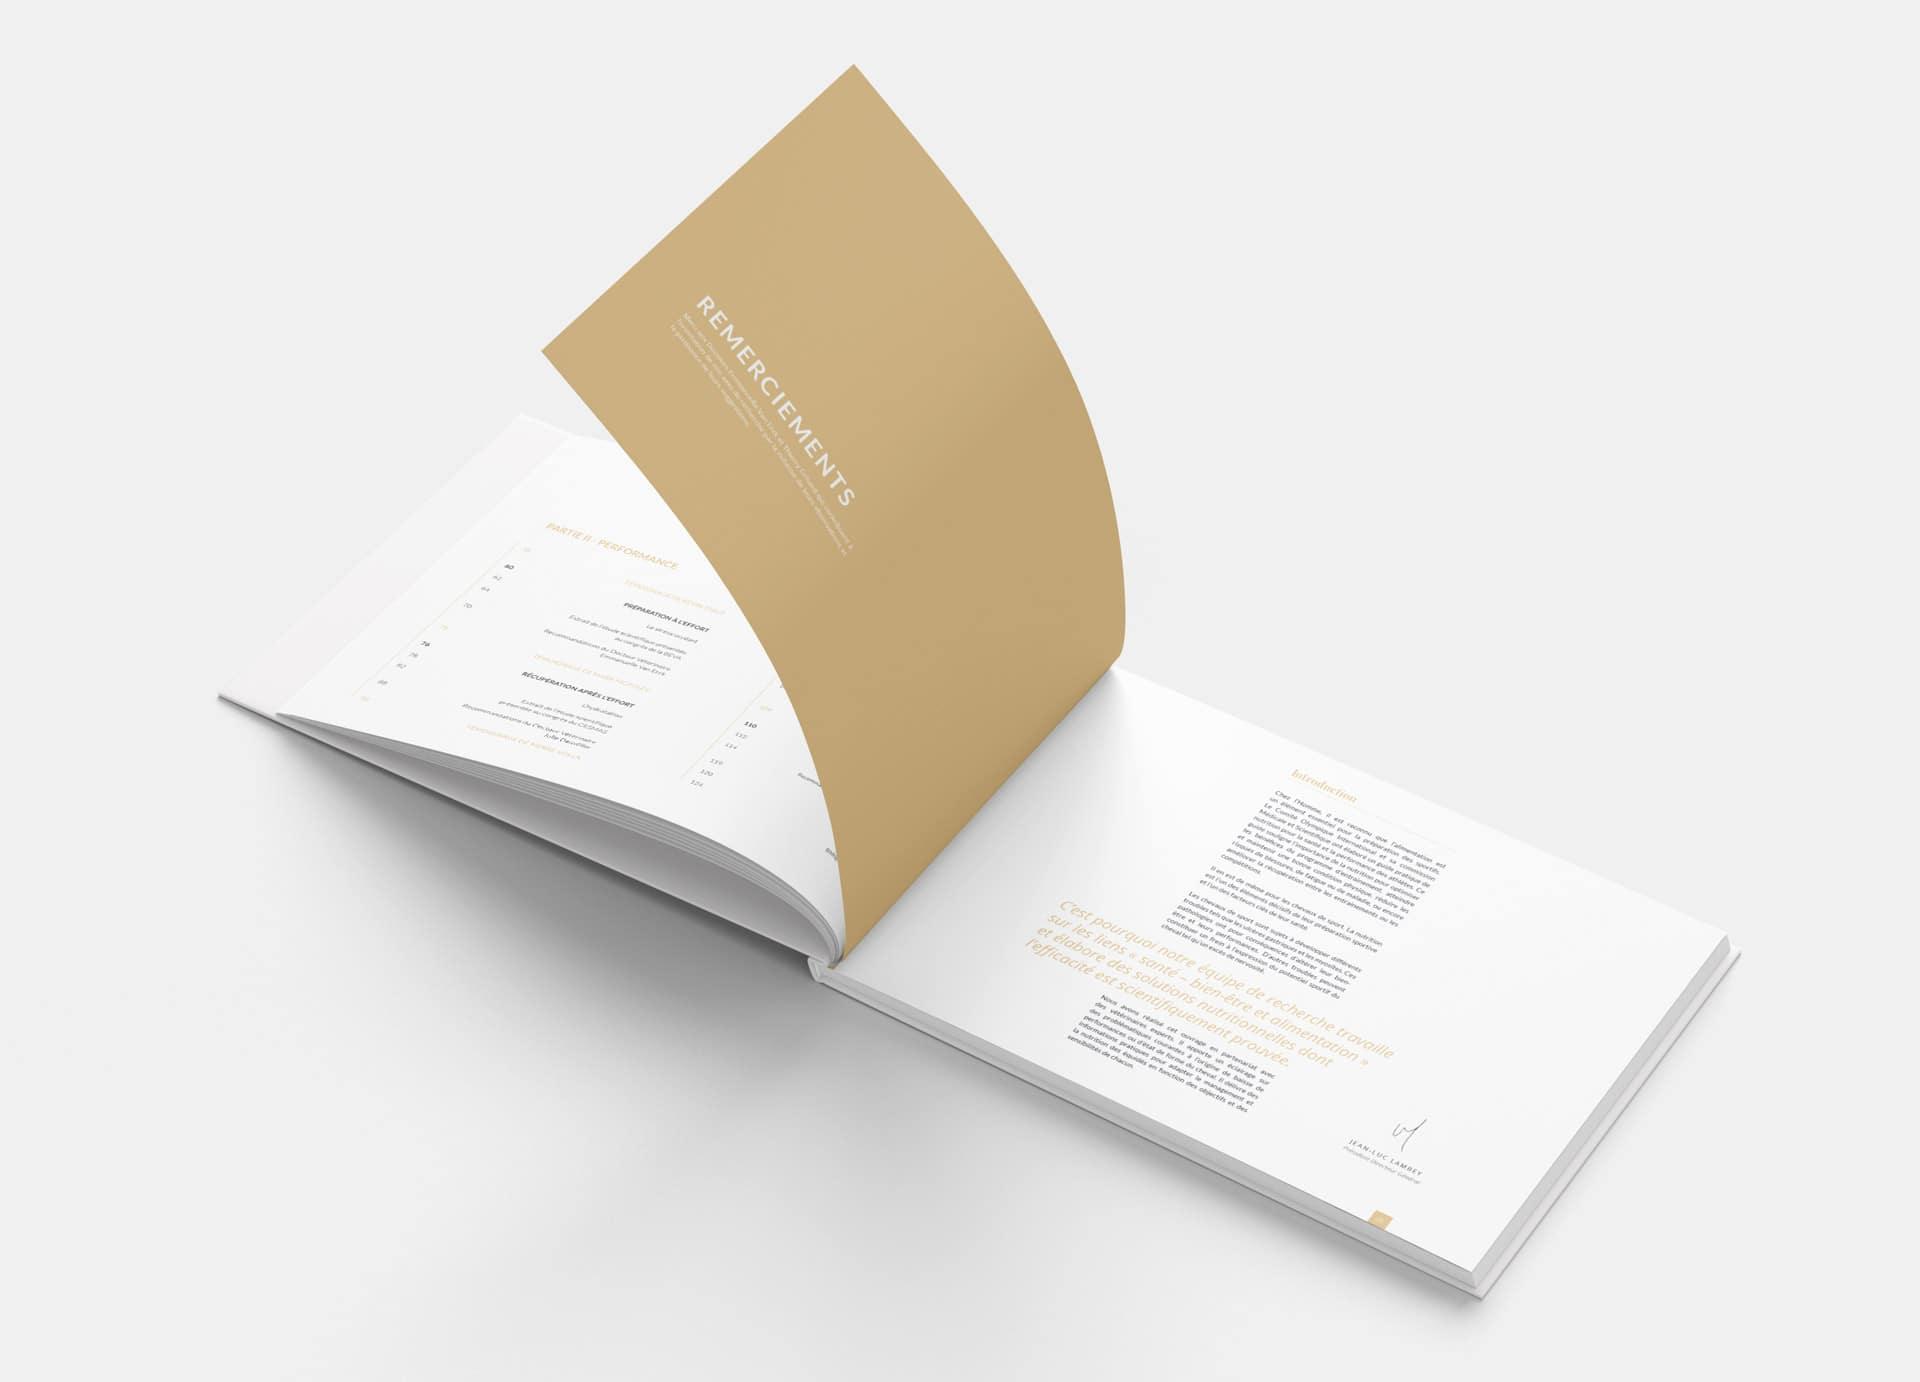 Graphic design horse riding book